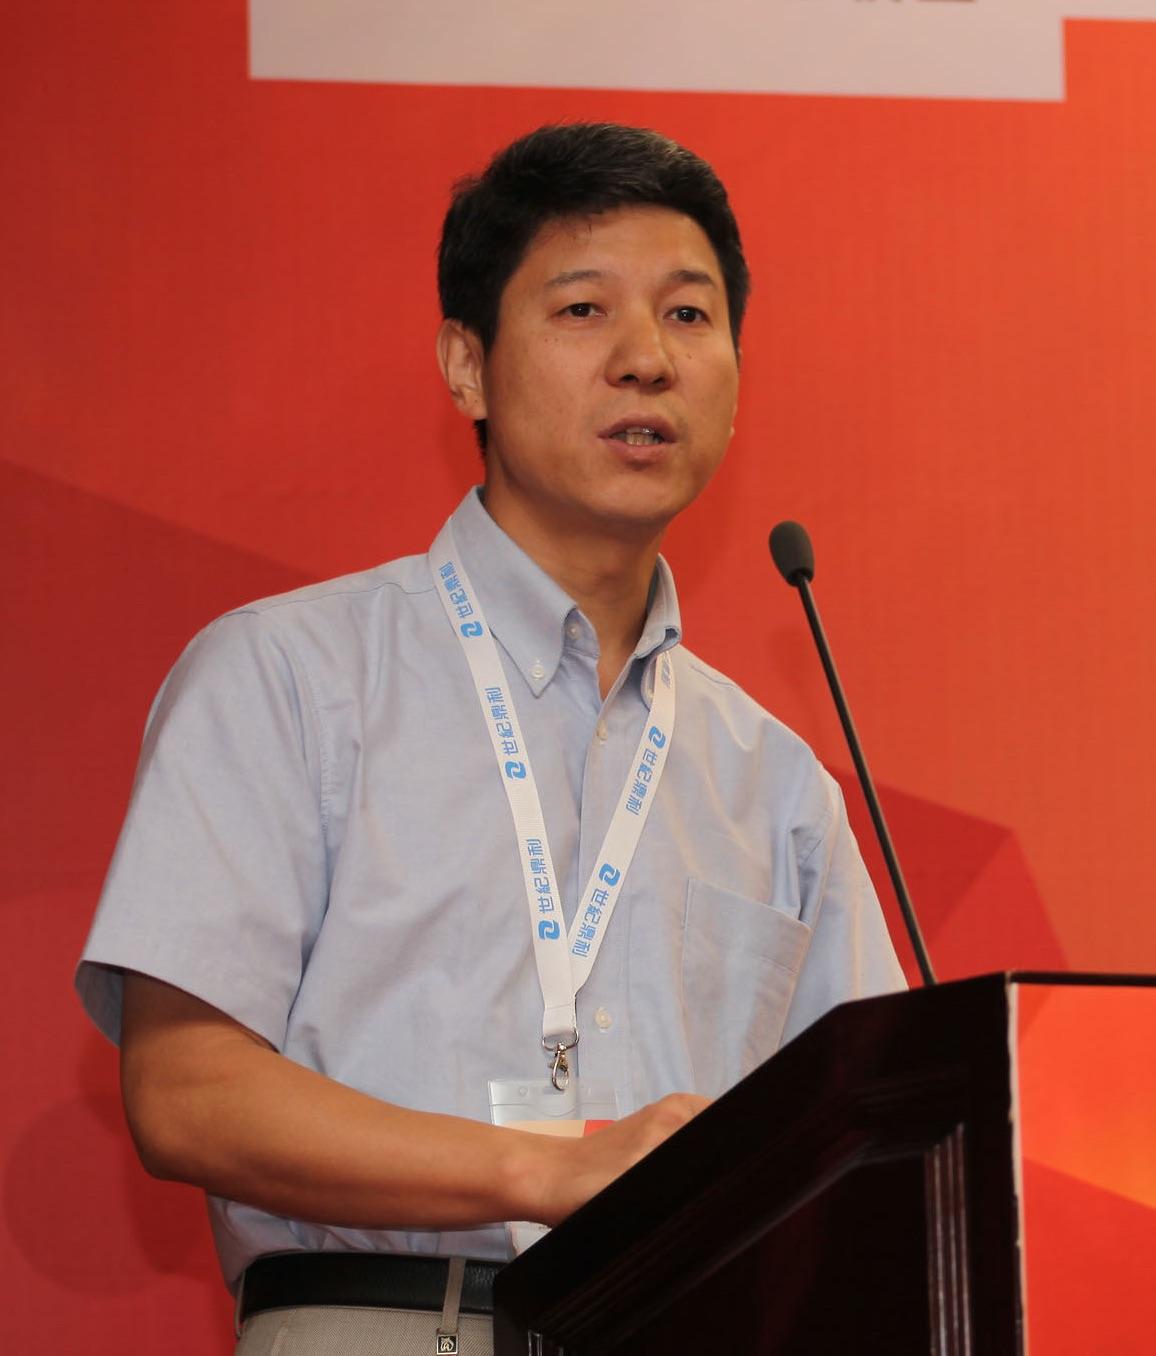 清华大学信息学院原副院长牛志升